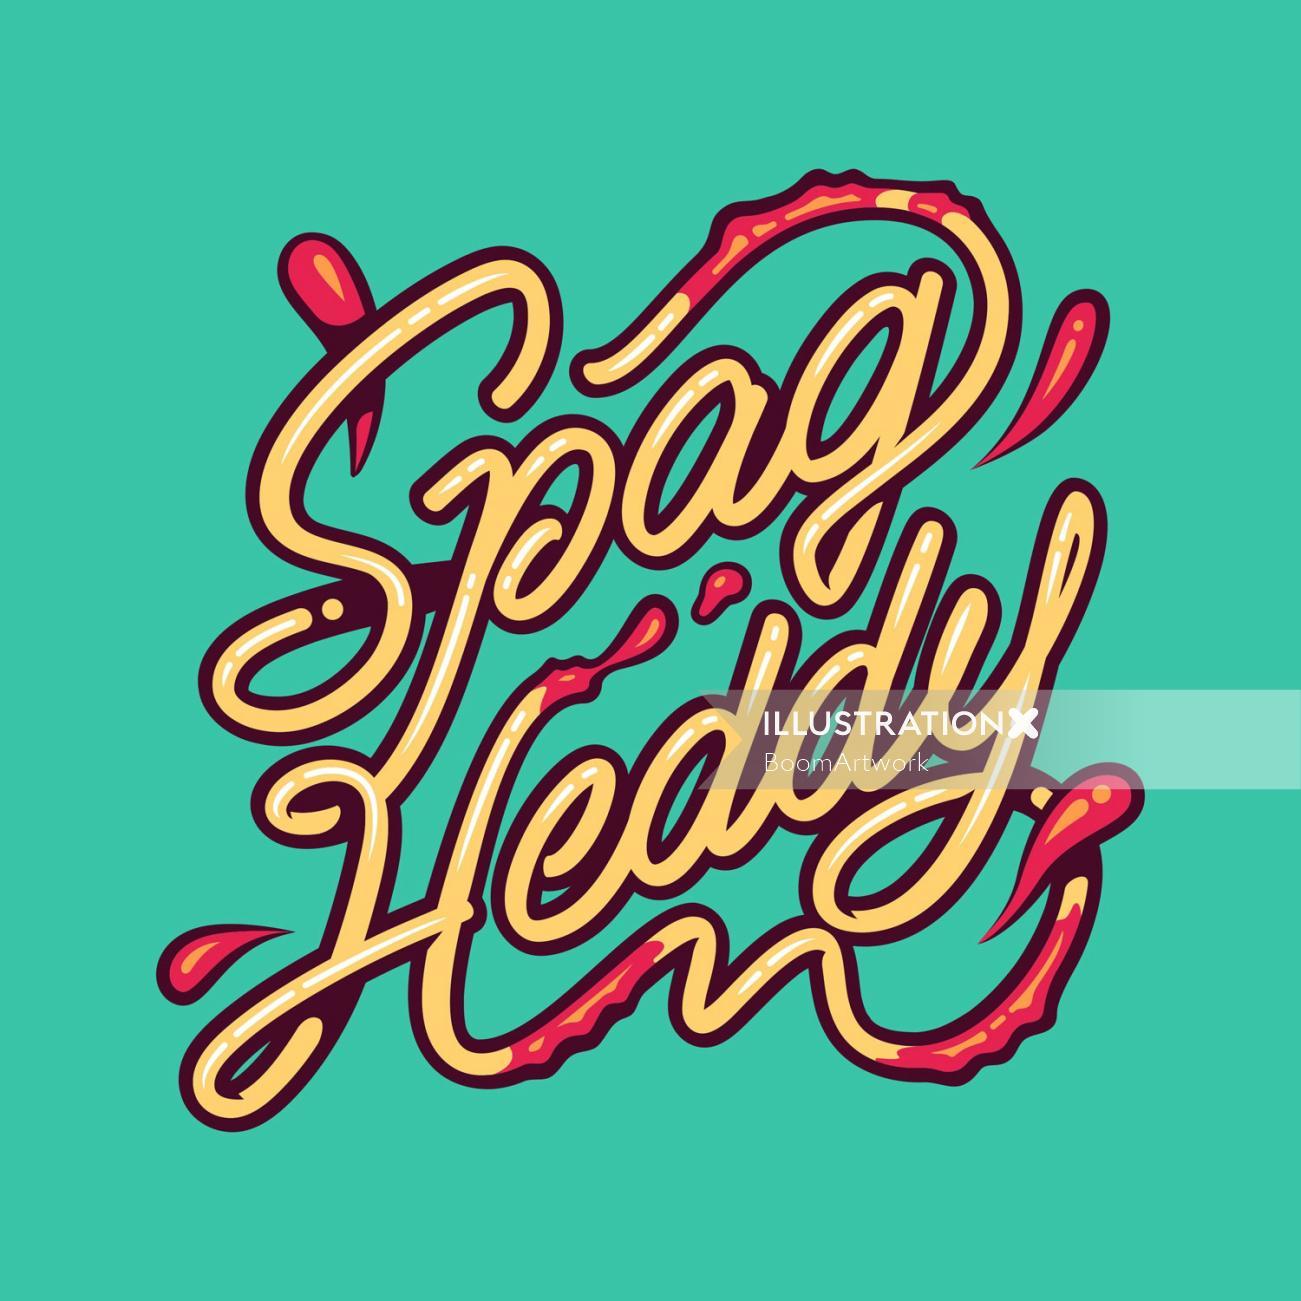 Lettering Illustration Of Spag Heddy